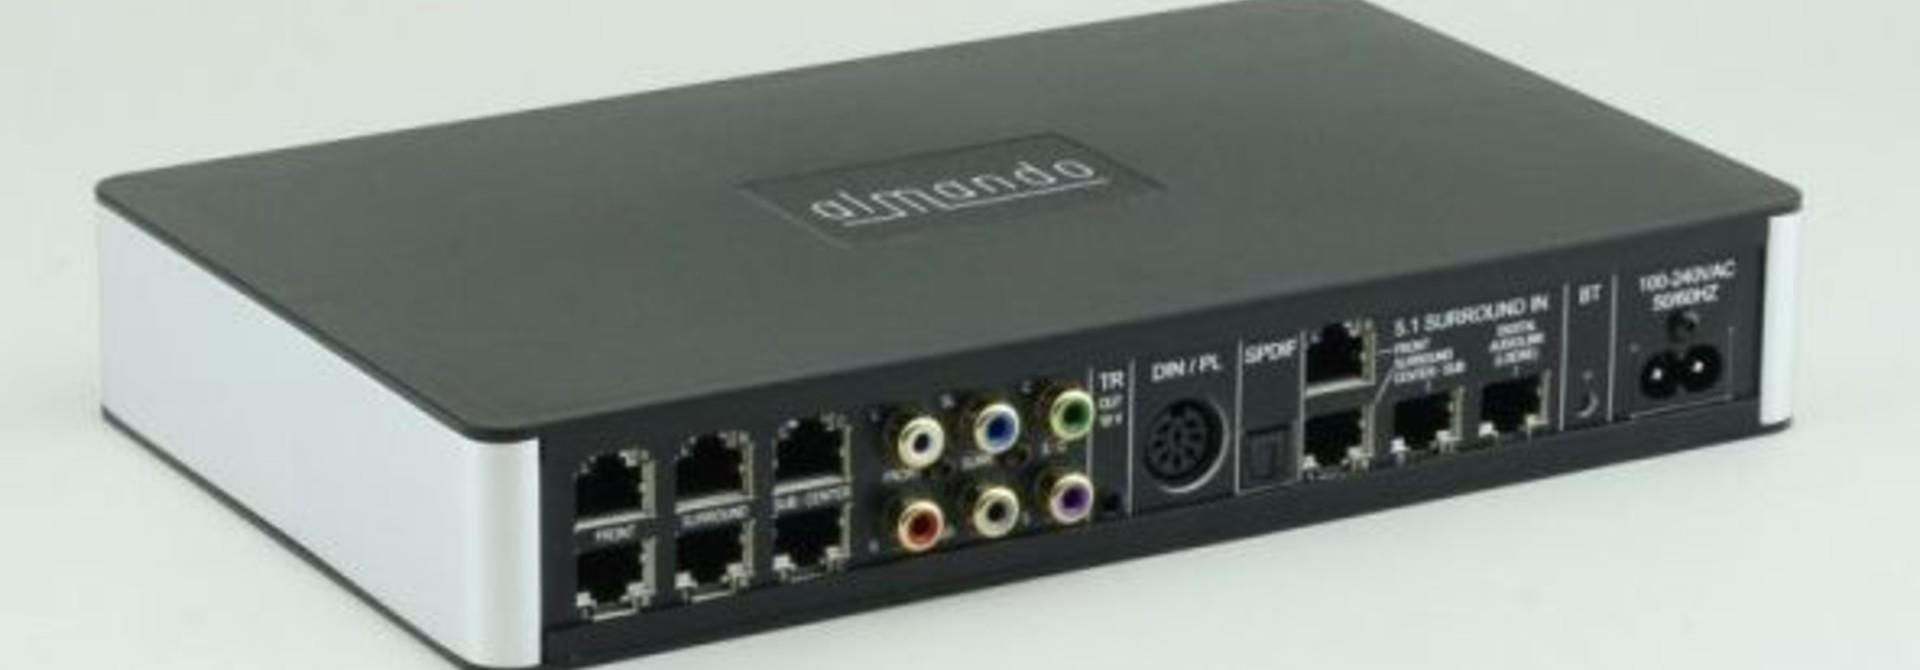 Multiplay surround switch Loewe